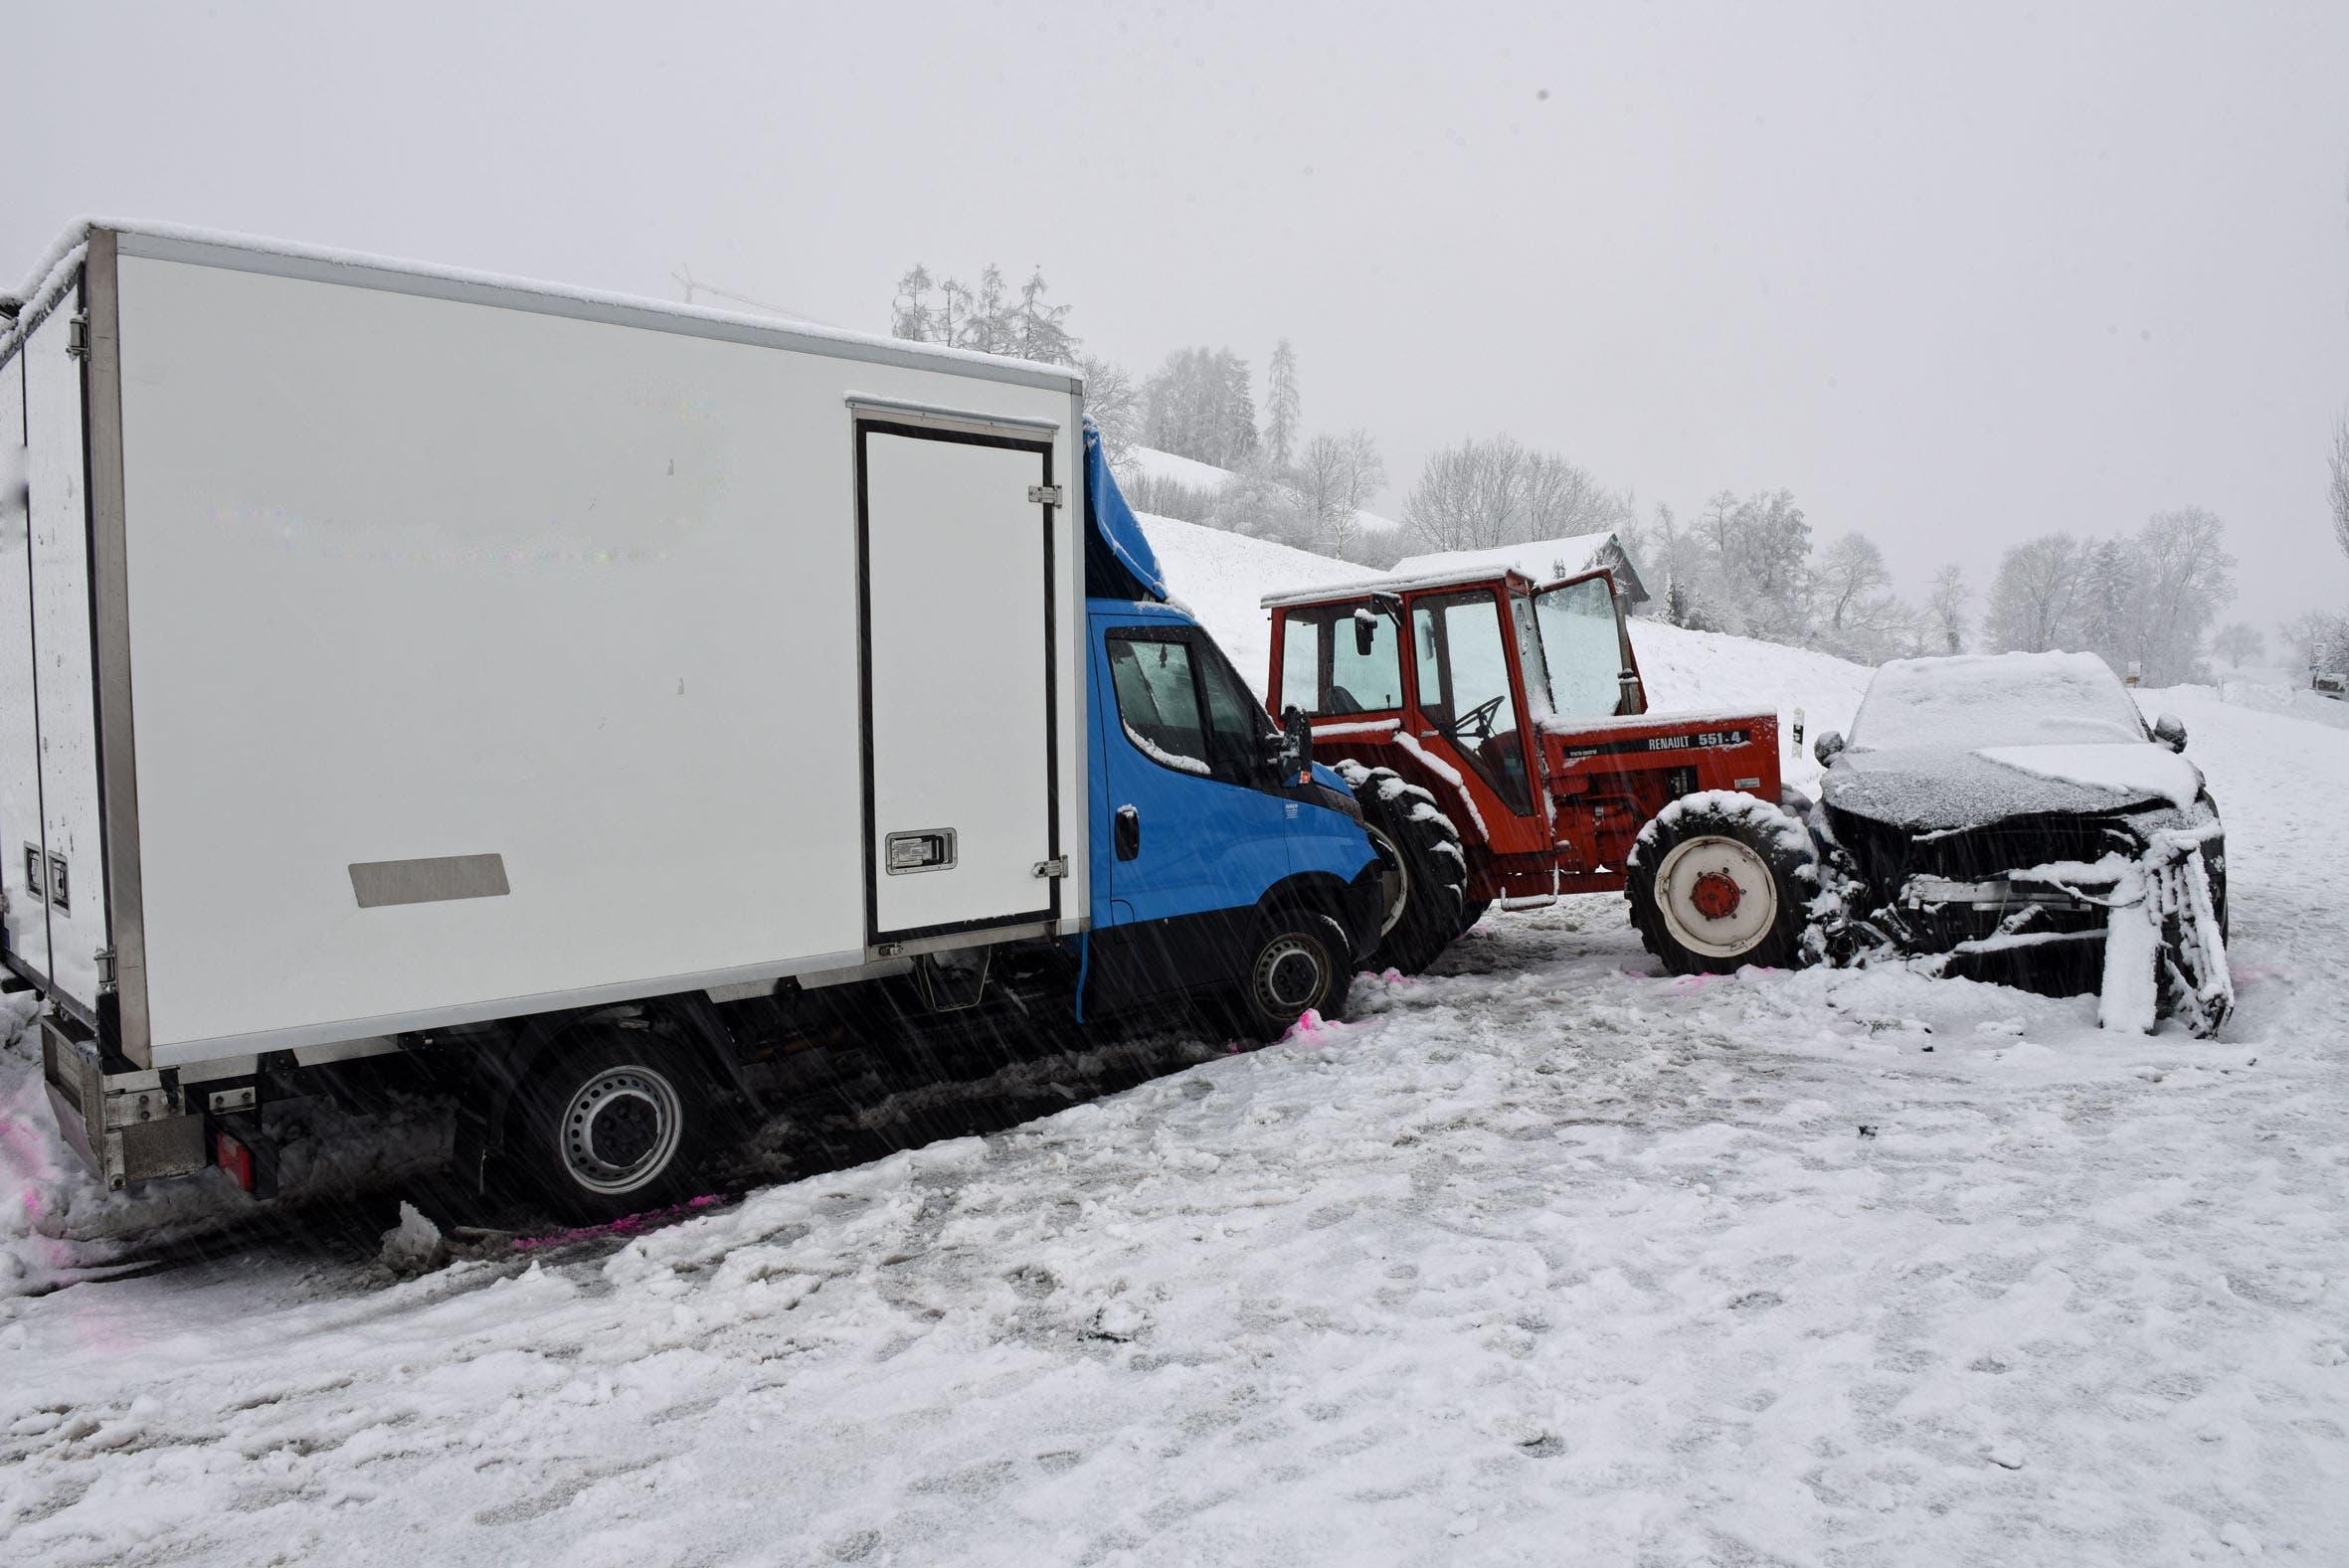 Dierikon: Bei diesem Unfall auf der Götzentalstrasse wurden zwei Personen leicht verletzt. Involviert waren ein Auto, ein Lieferwagen sowie ein Traktor.